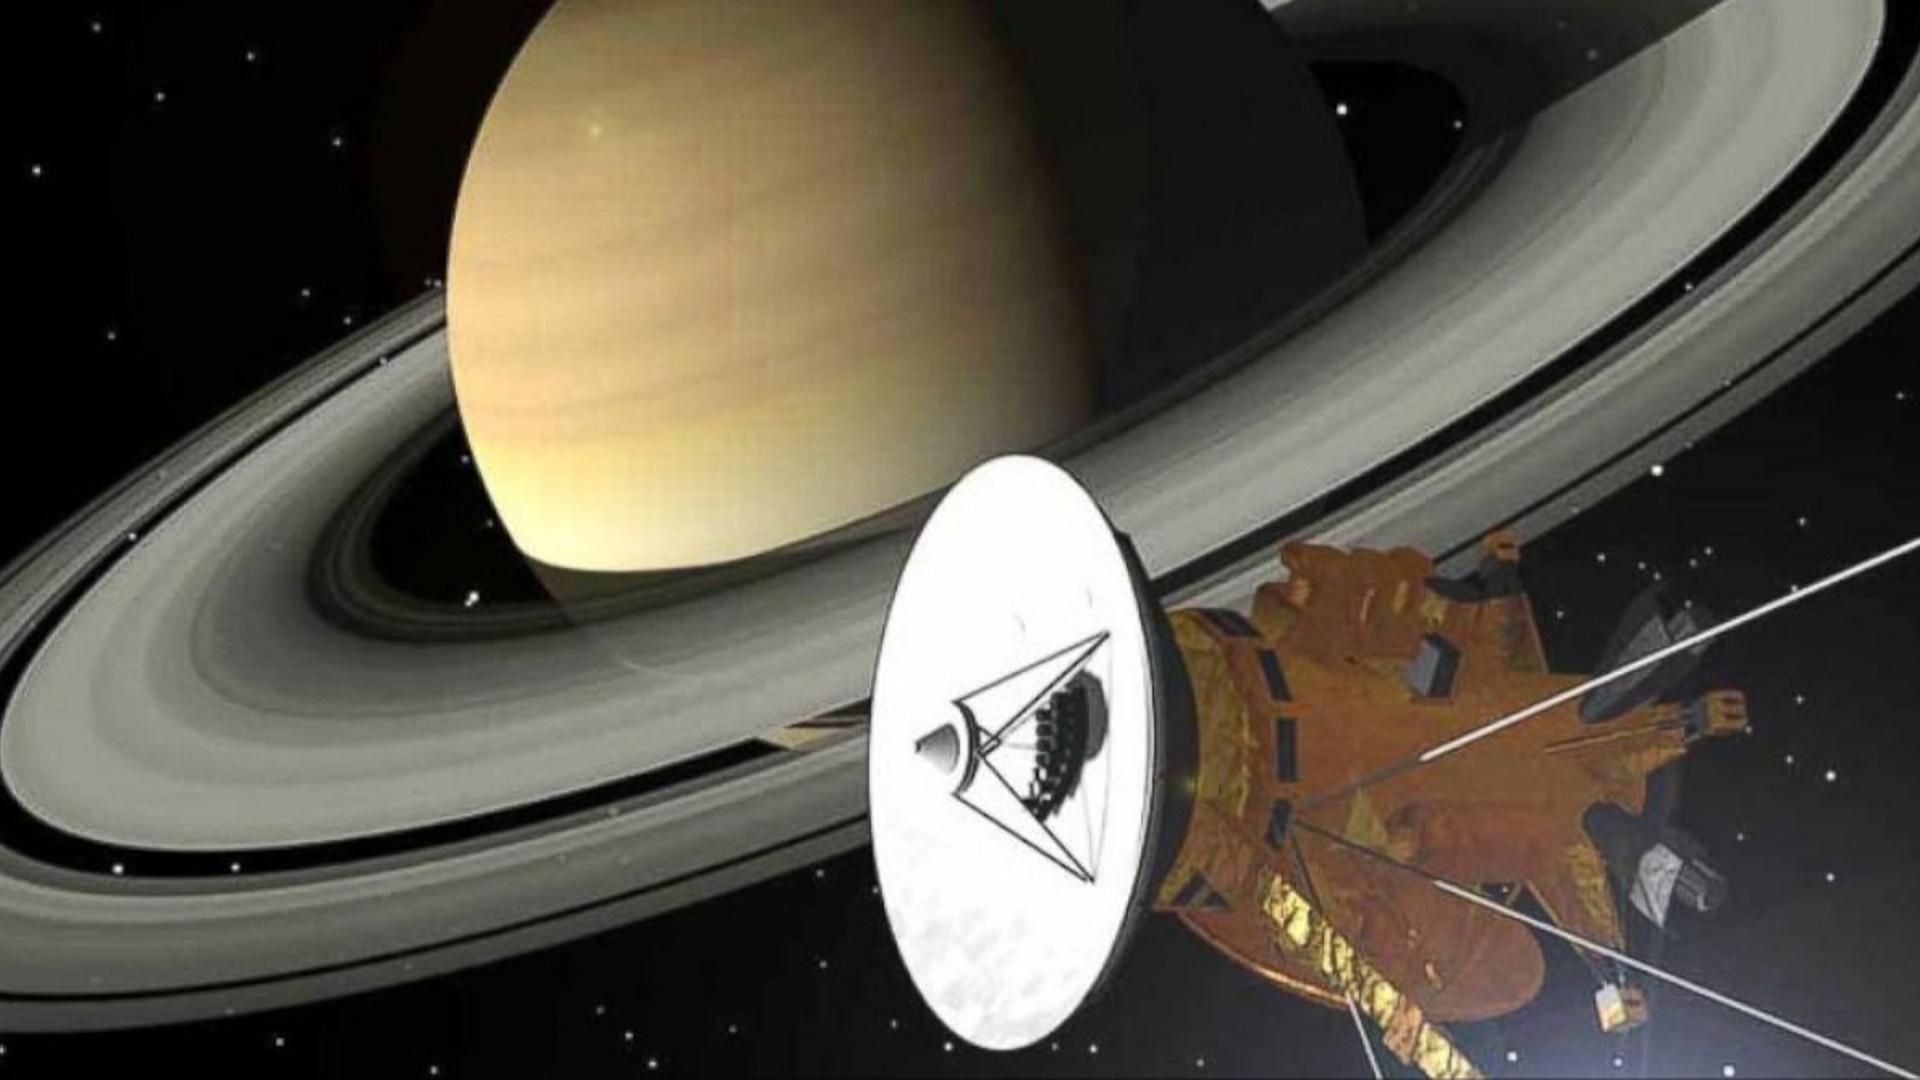 Alimlər Saturnda da yaşayışın mümkün olacağını iddia edir